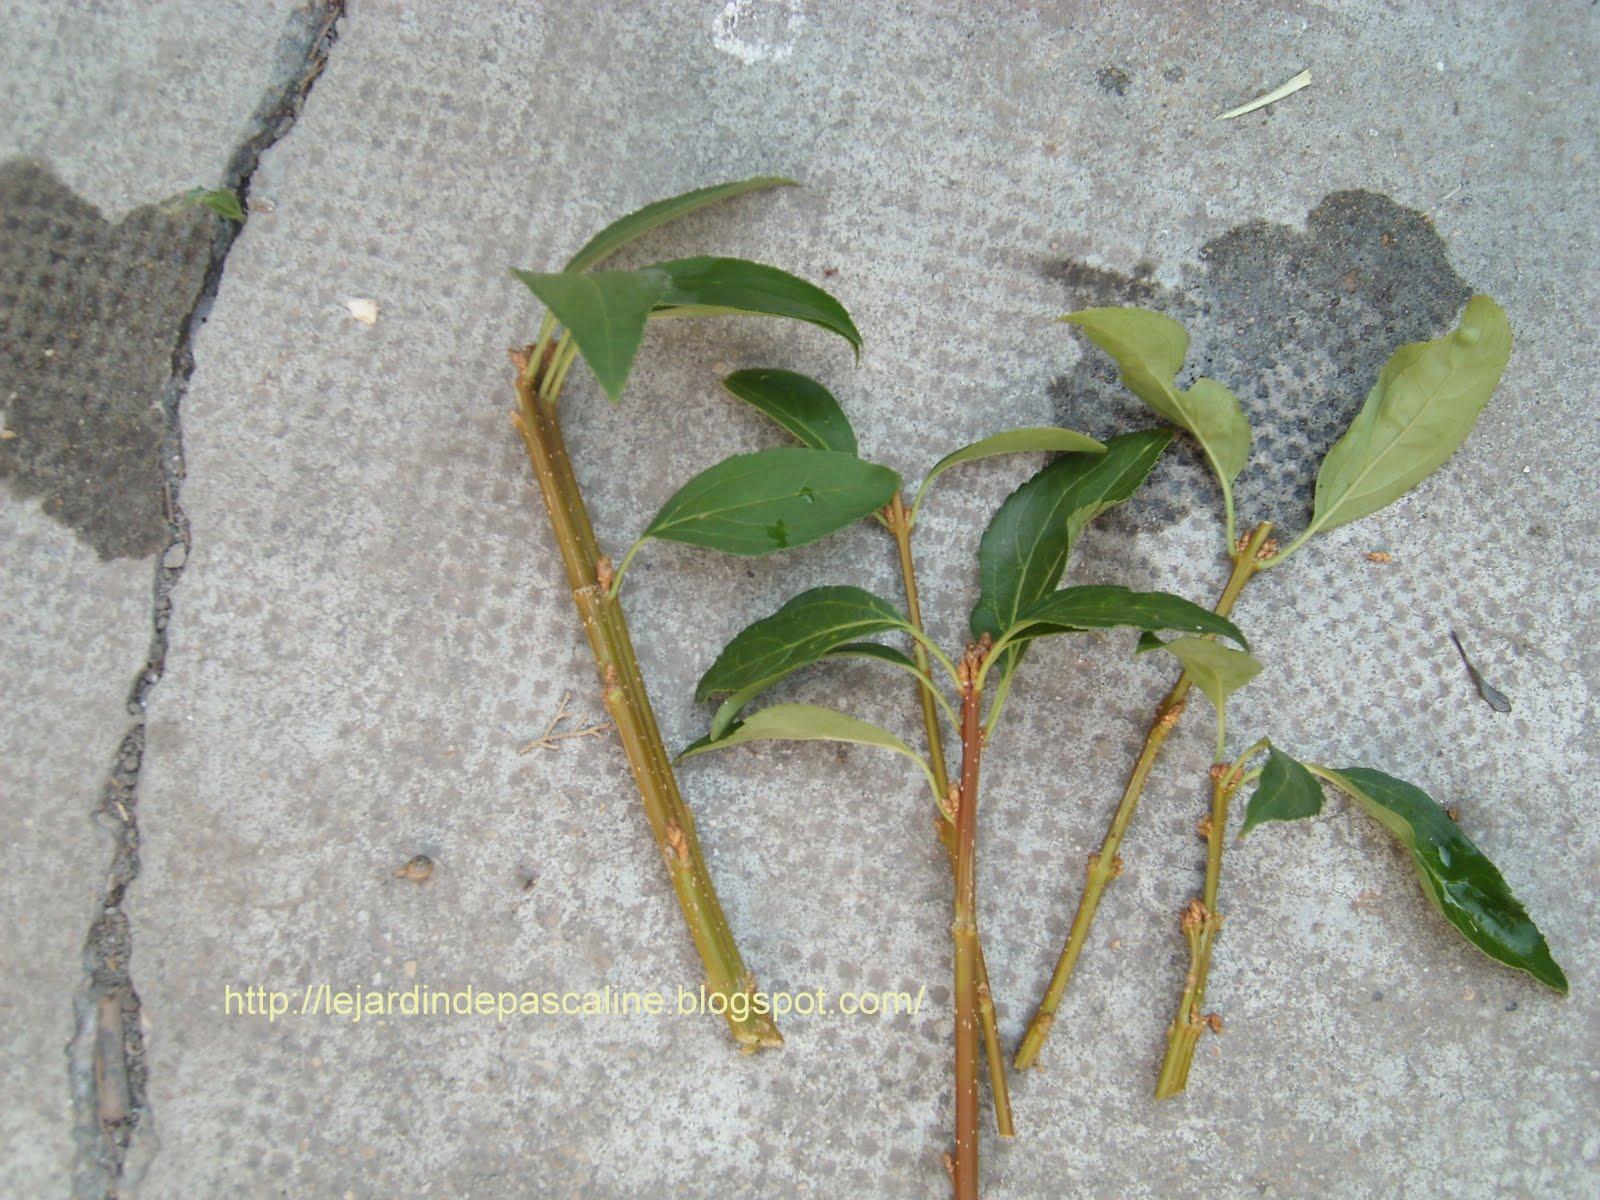 Le jardin de pascaline boutures berberis althea for Comment entretenir un citronnier